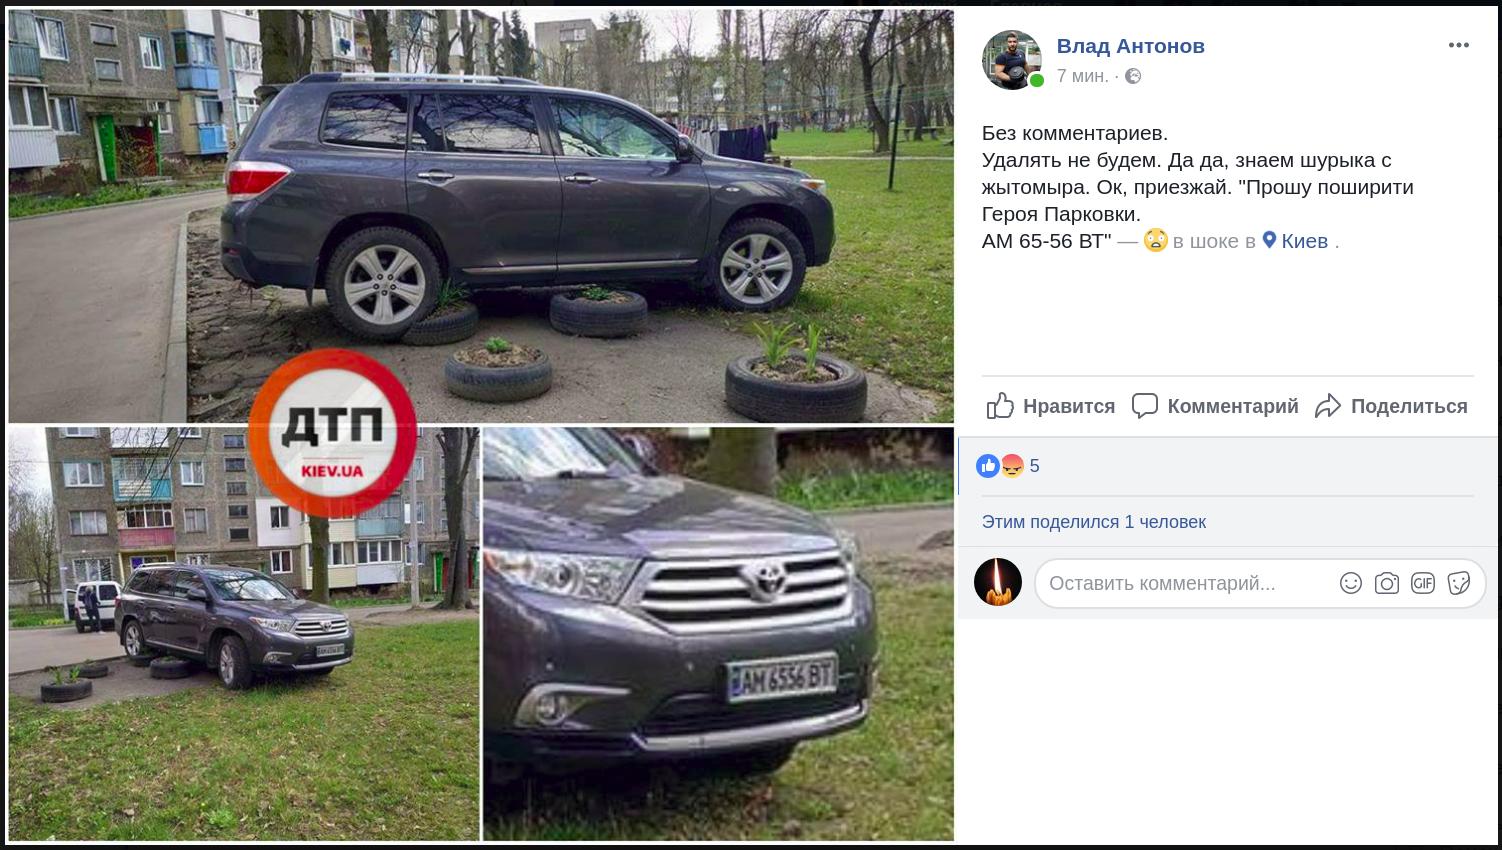 Это надо было додуматься: найден самый наглый автохам в Украине